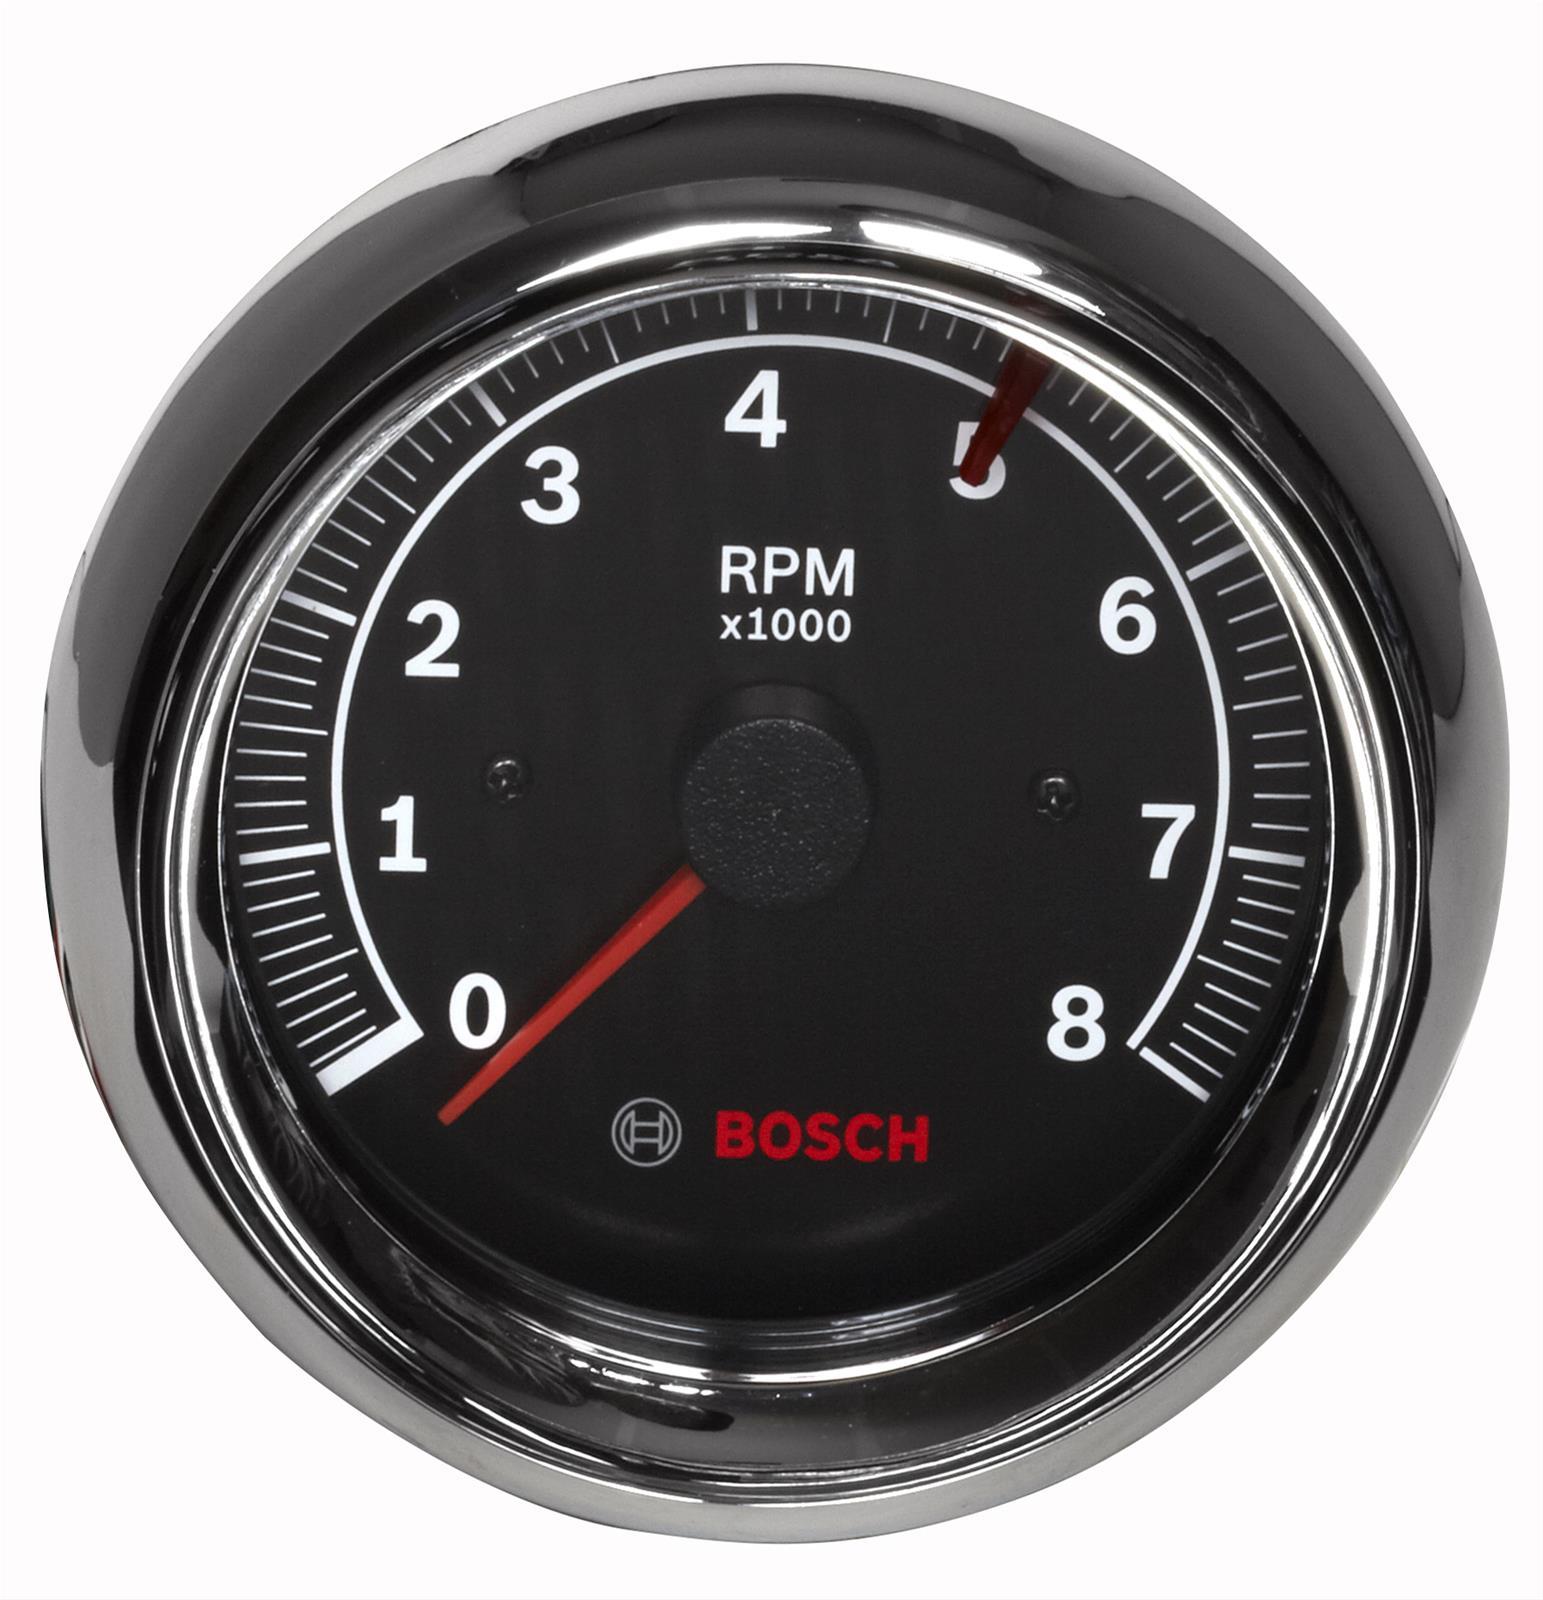 bosch sport ii tachometer gauges fst 7901 free shipping. Black Bedroom Furniture Sets. Home Design Ideas